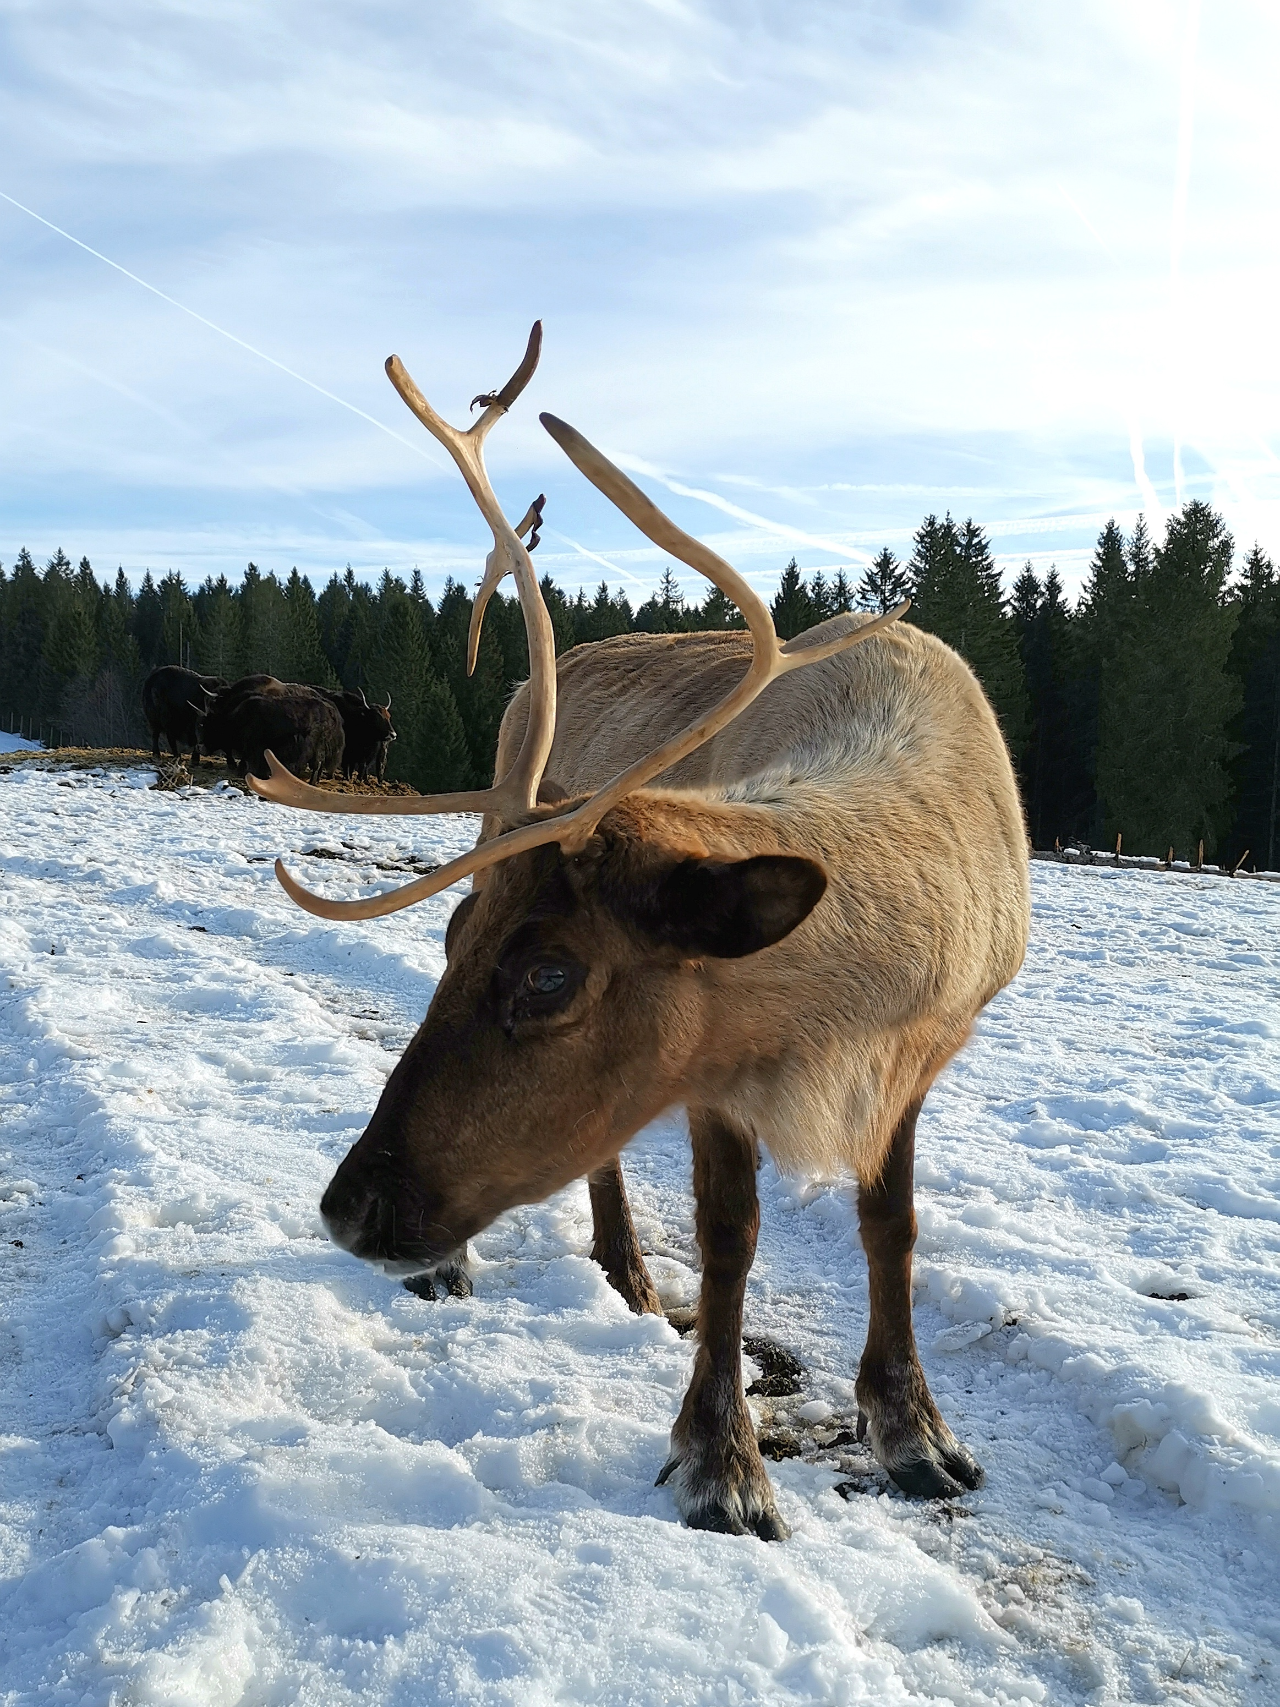 Photo 2: Une superbe journée hivernale dans le Haut-Doubs